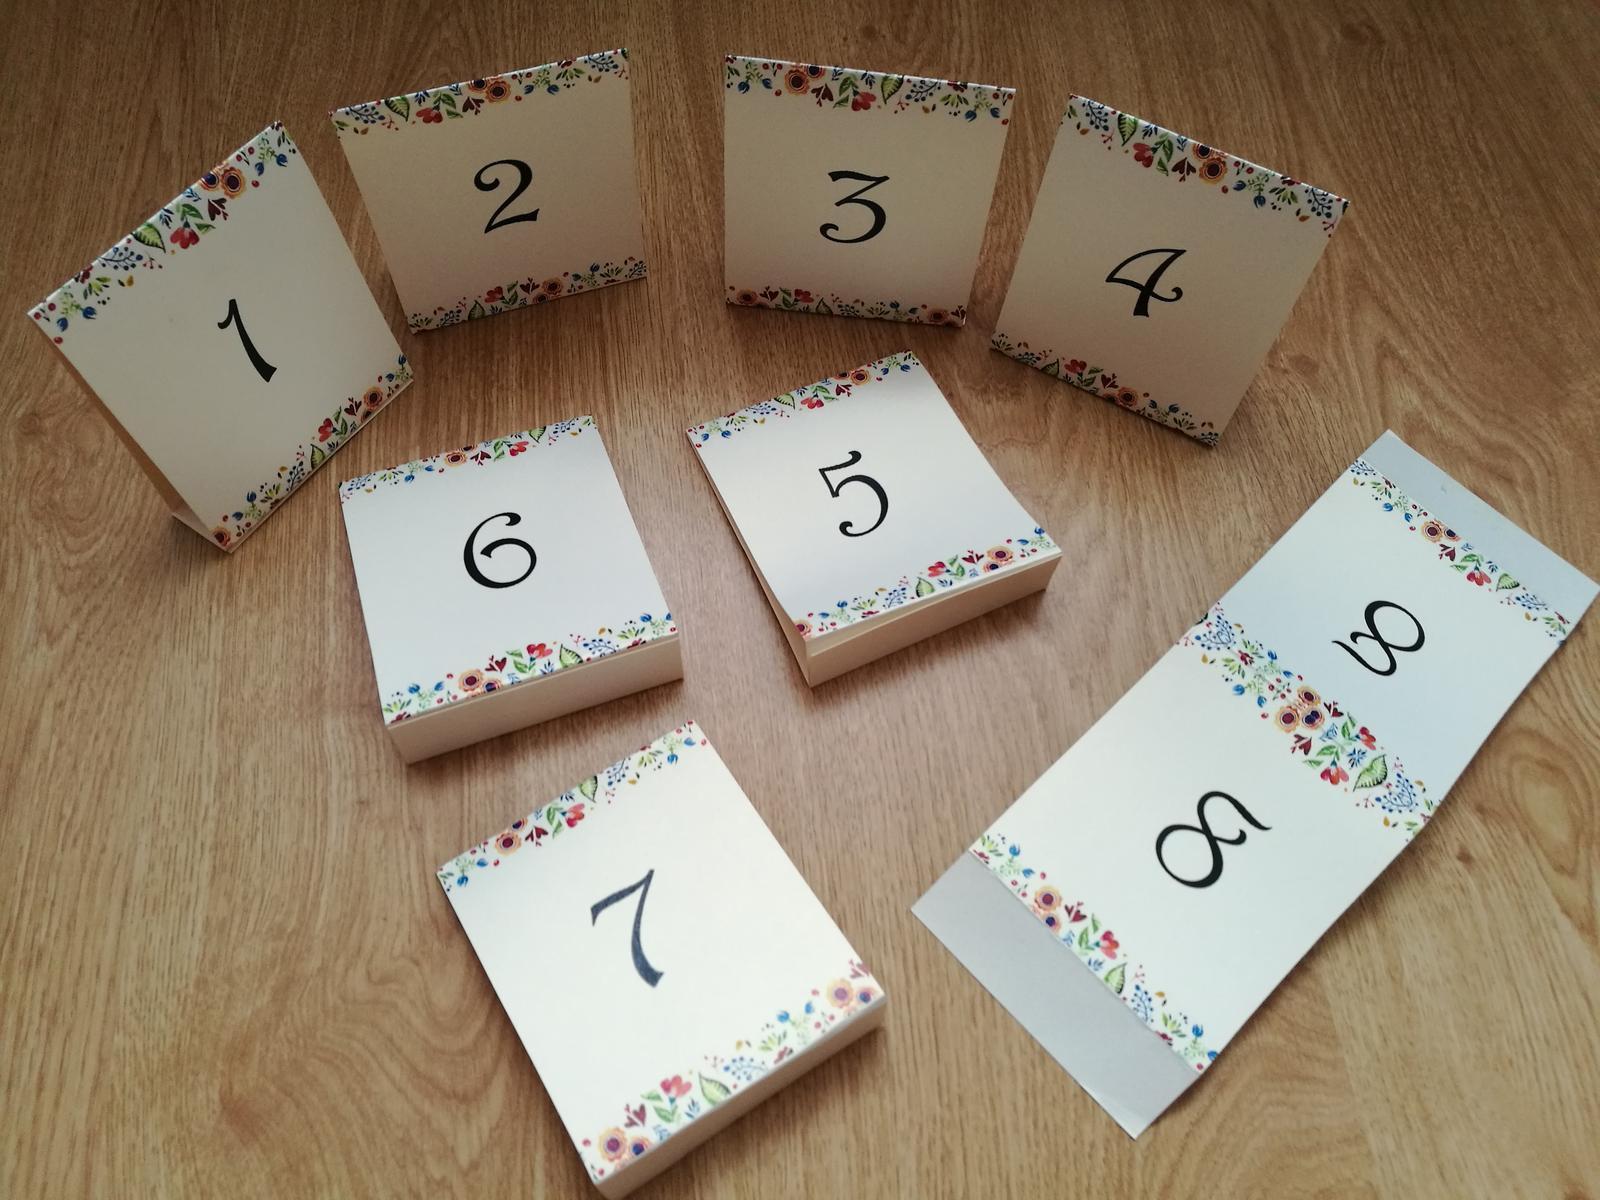 Označenie stolov 1 až 8 - Obrázok č. 1